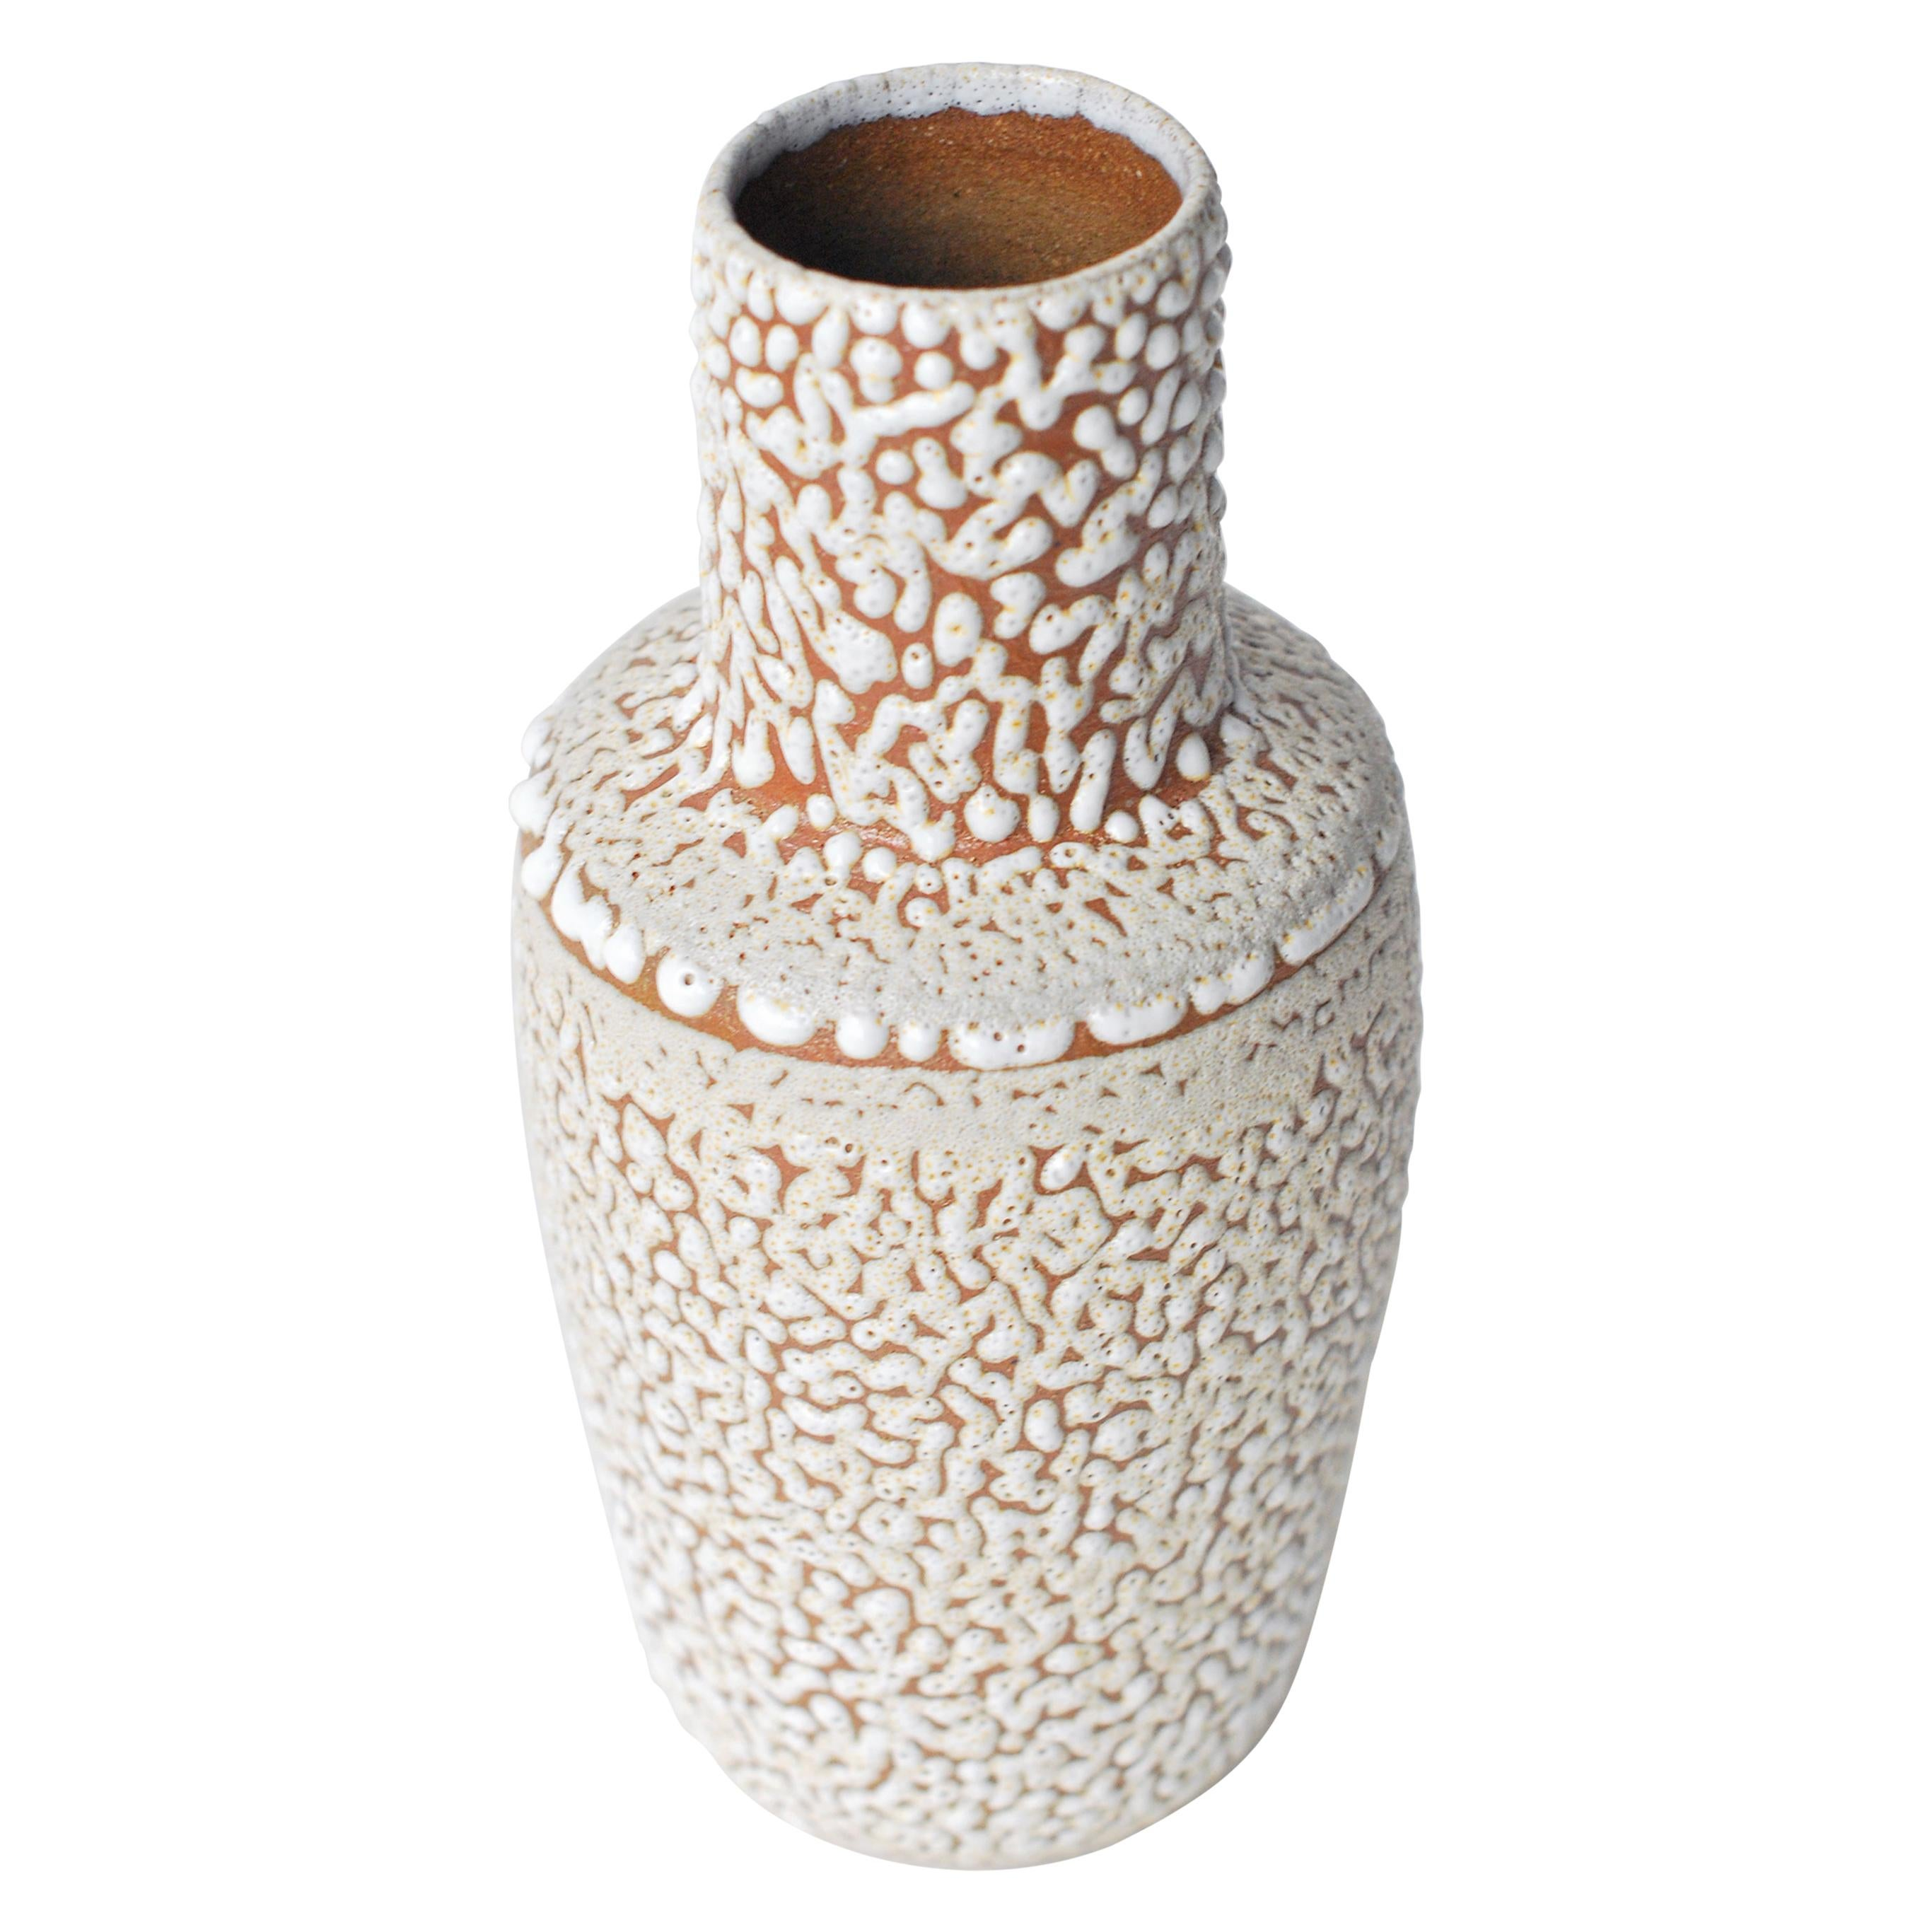 White Stoneware Vase by Moïo Studio